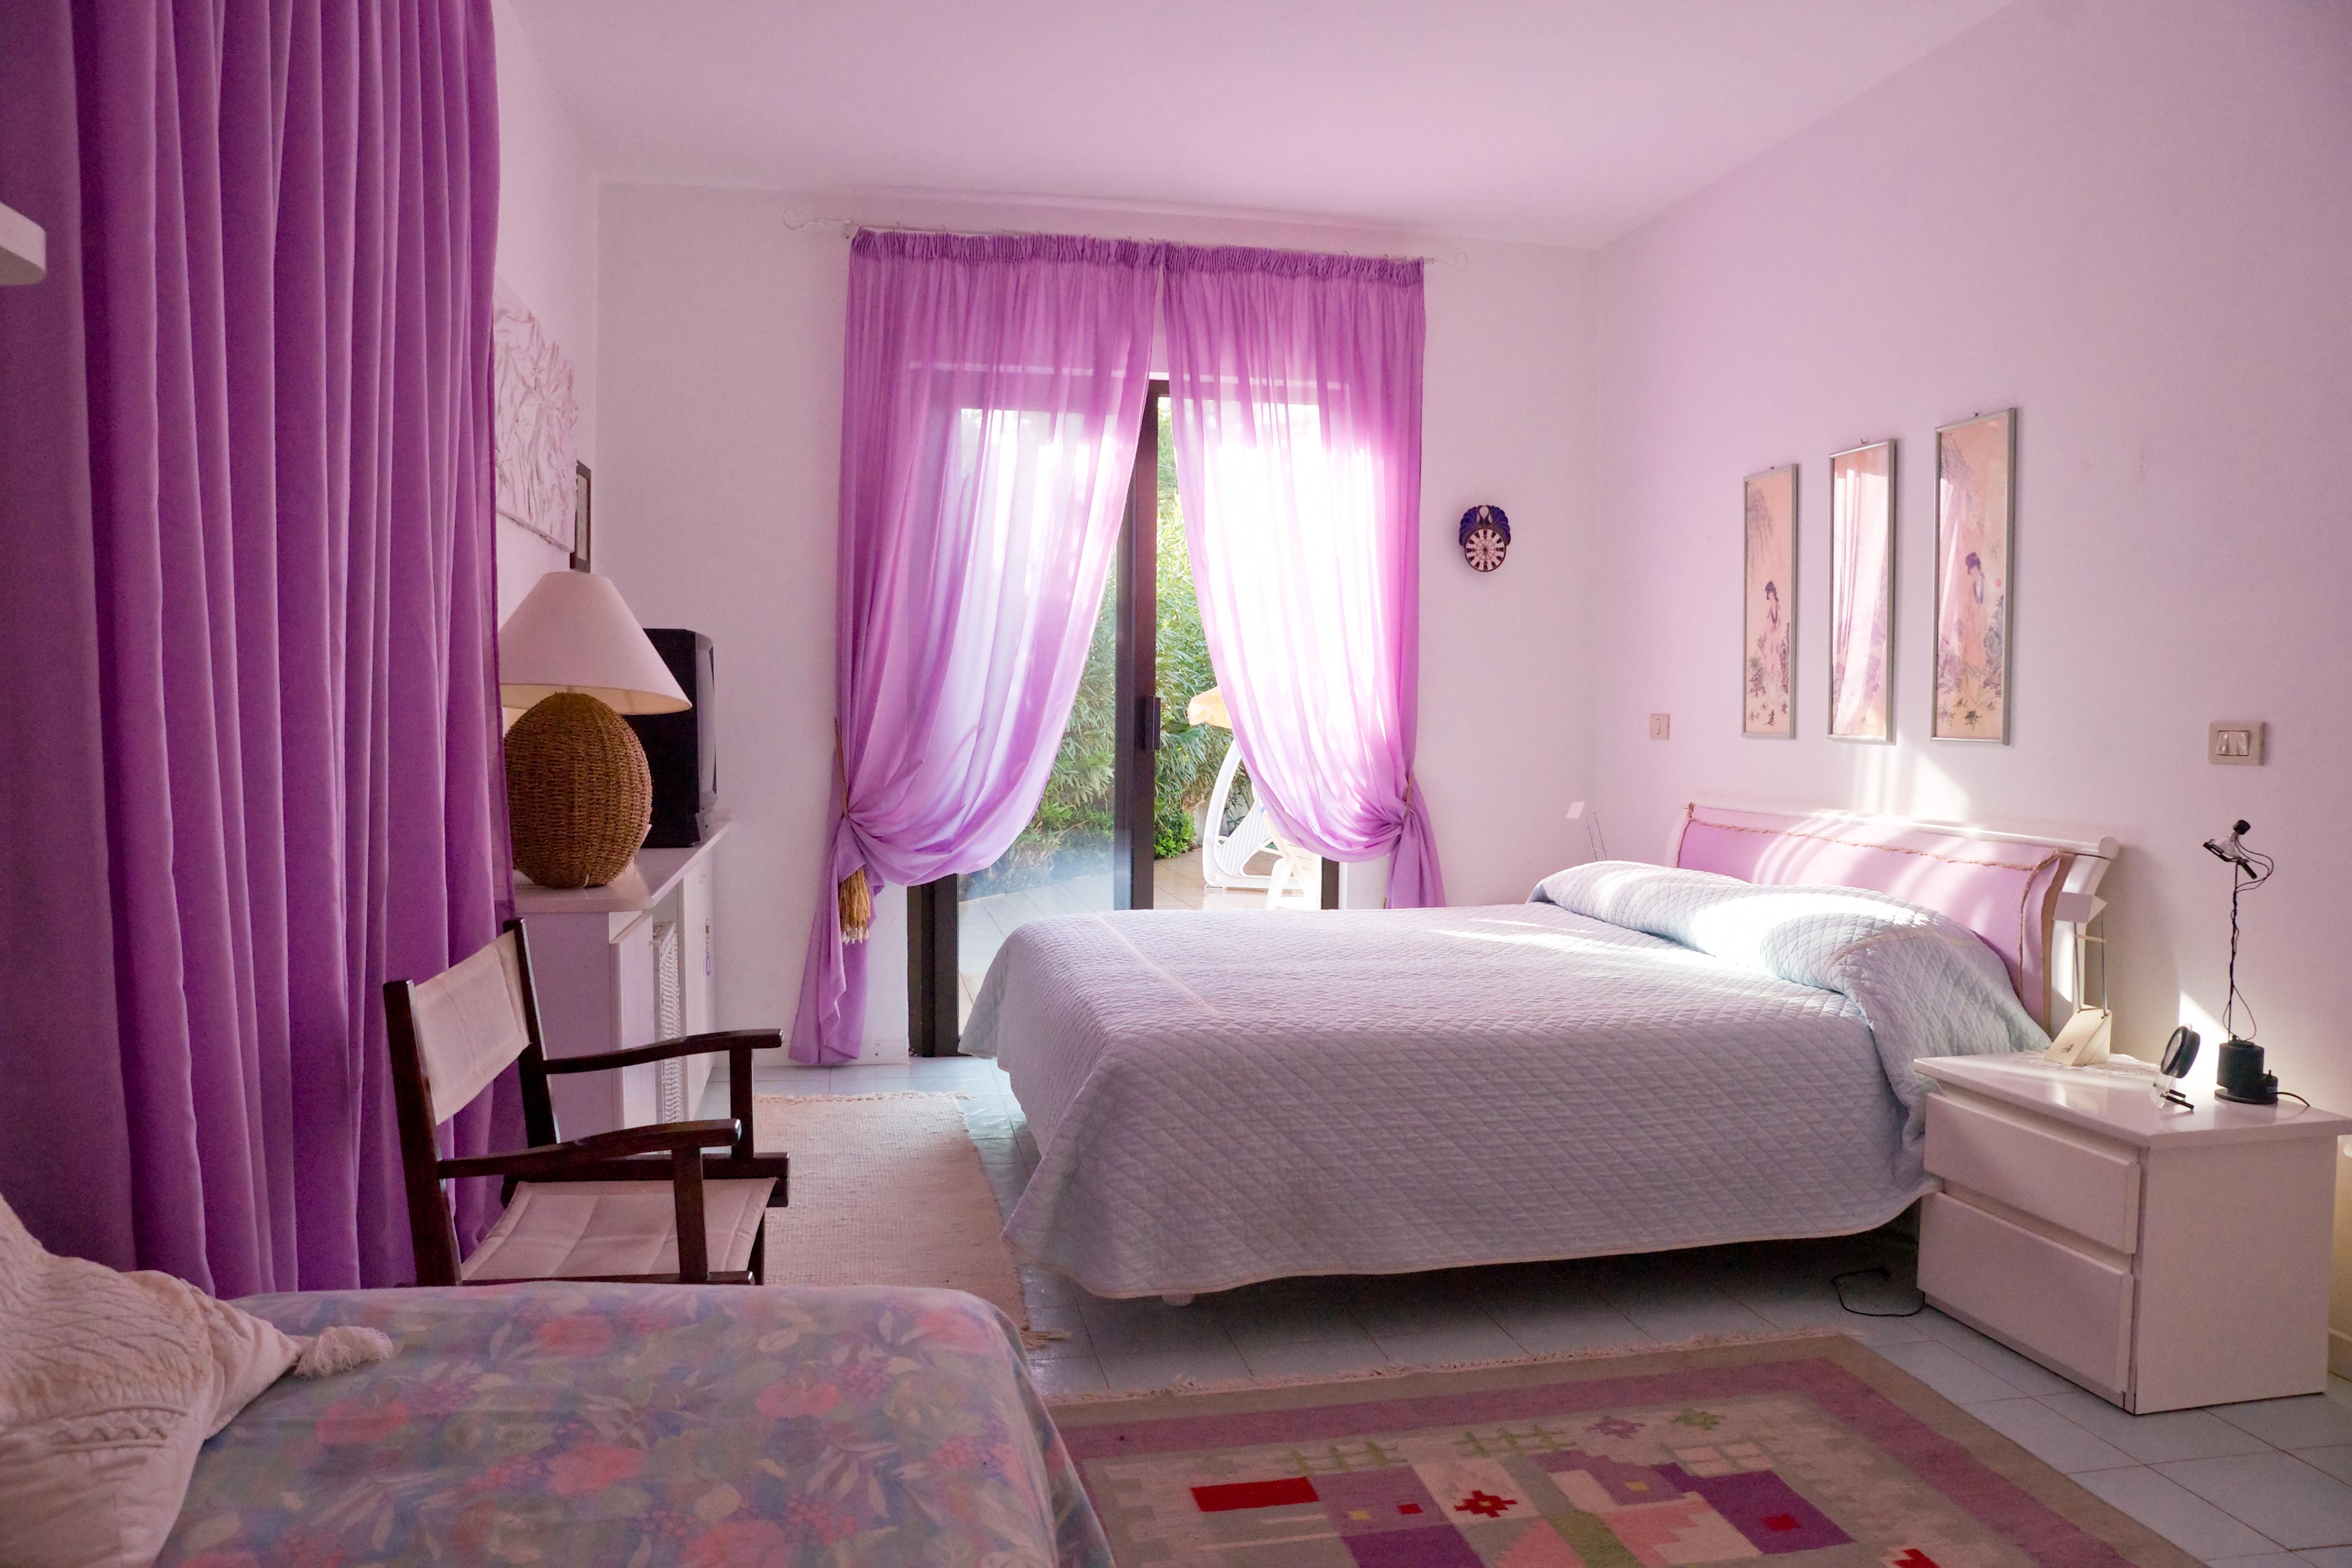 Лавандовый цвет в интерьере спальни: как применить Дизайн